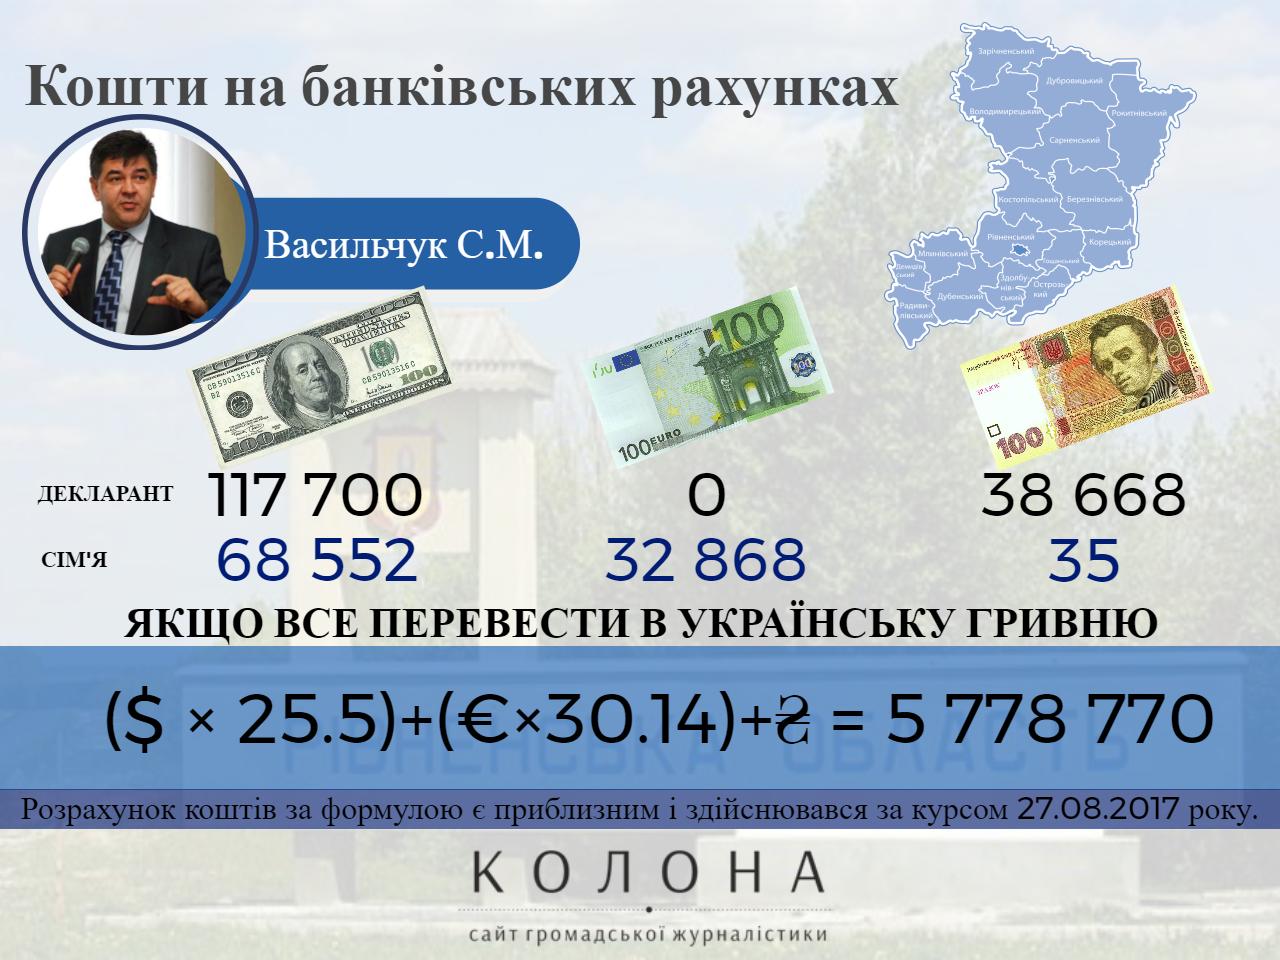 Васильчук Сергій Миколайович